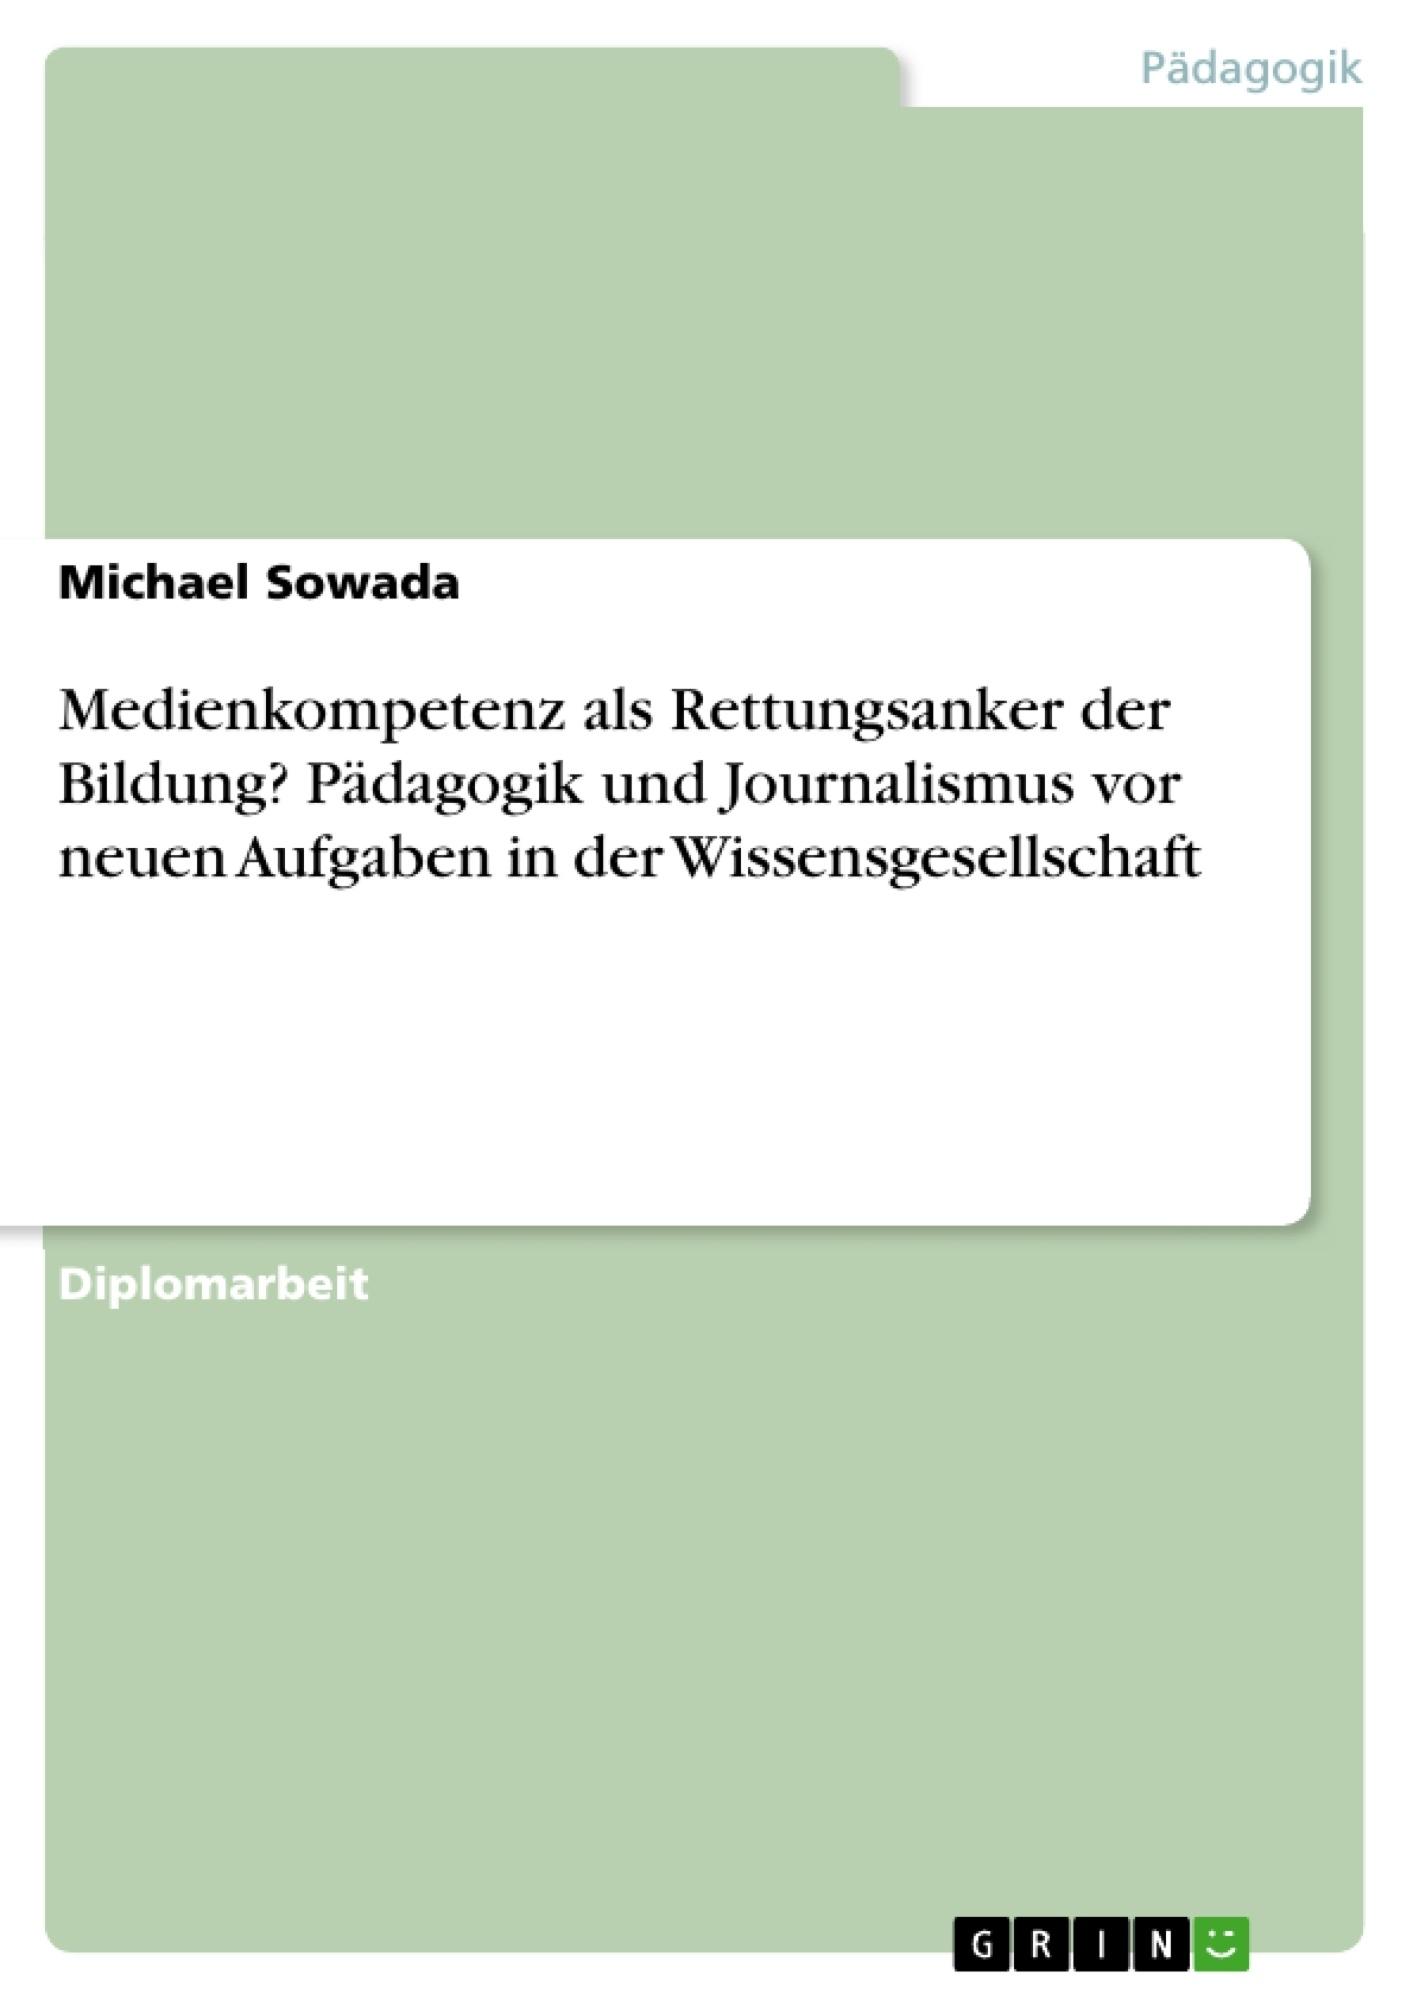 Titel: Medienkompetenz als Rettungsanker der Bildung? Pädagogik und Journalismus vor neuen Aufgaben in der Wissensgesellschaft